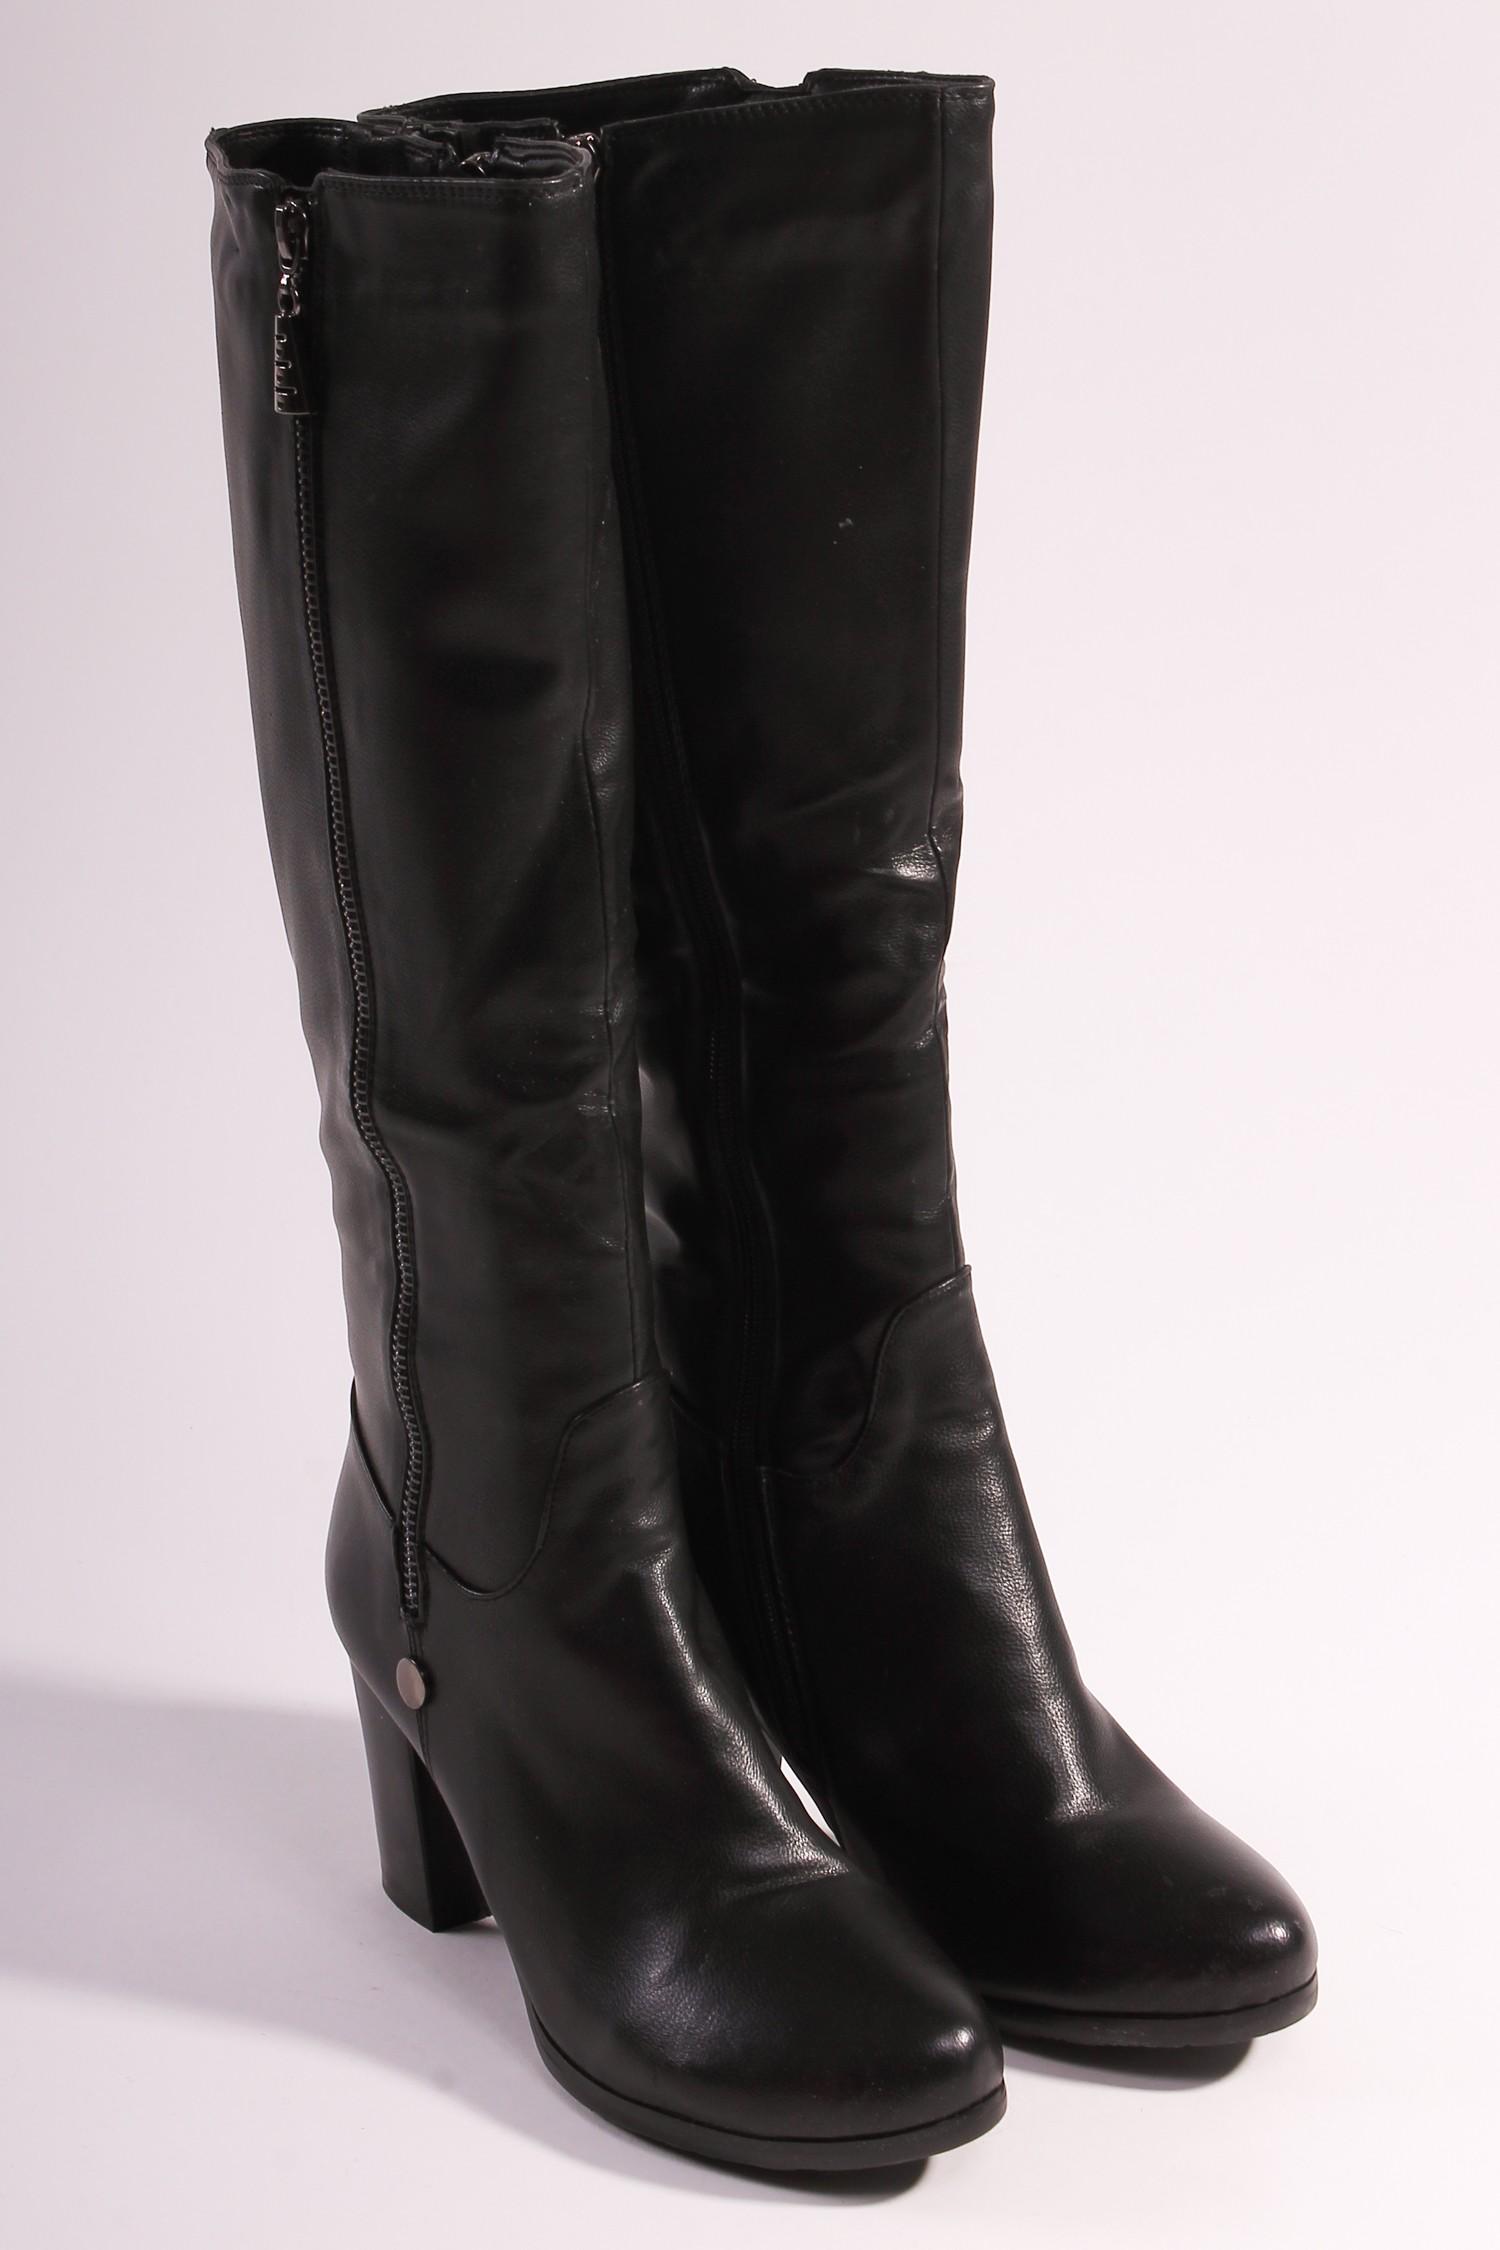 СапогиСапоги<br>Женские сапоги из искусственной кожи на устойчивом каблуке.<br><br>Размер : 39<br>Материал: Искусственная кожа<br>Количество в наличии: 1